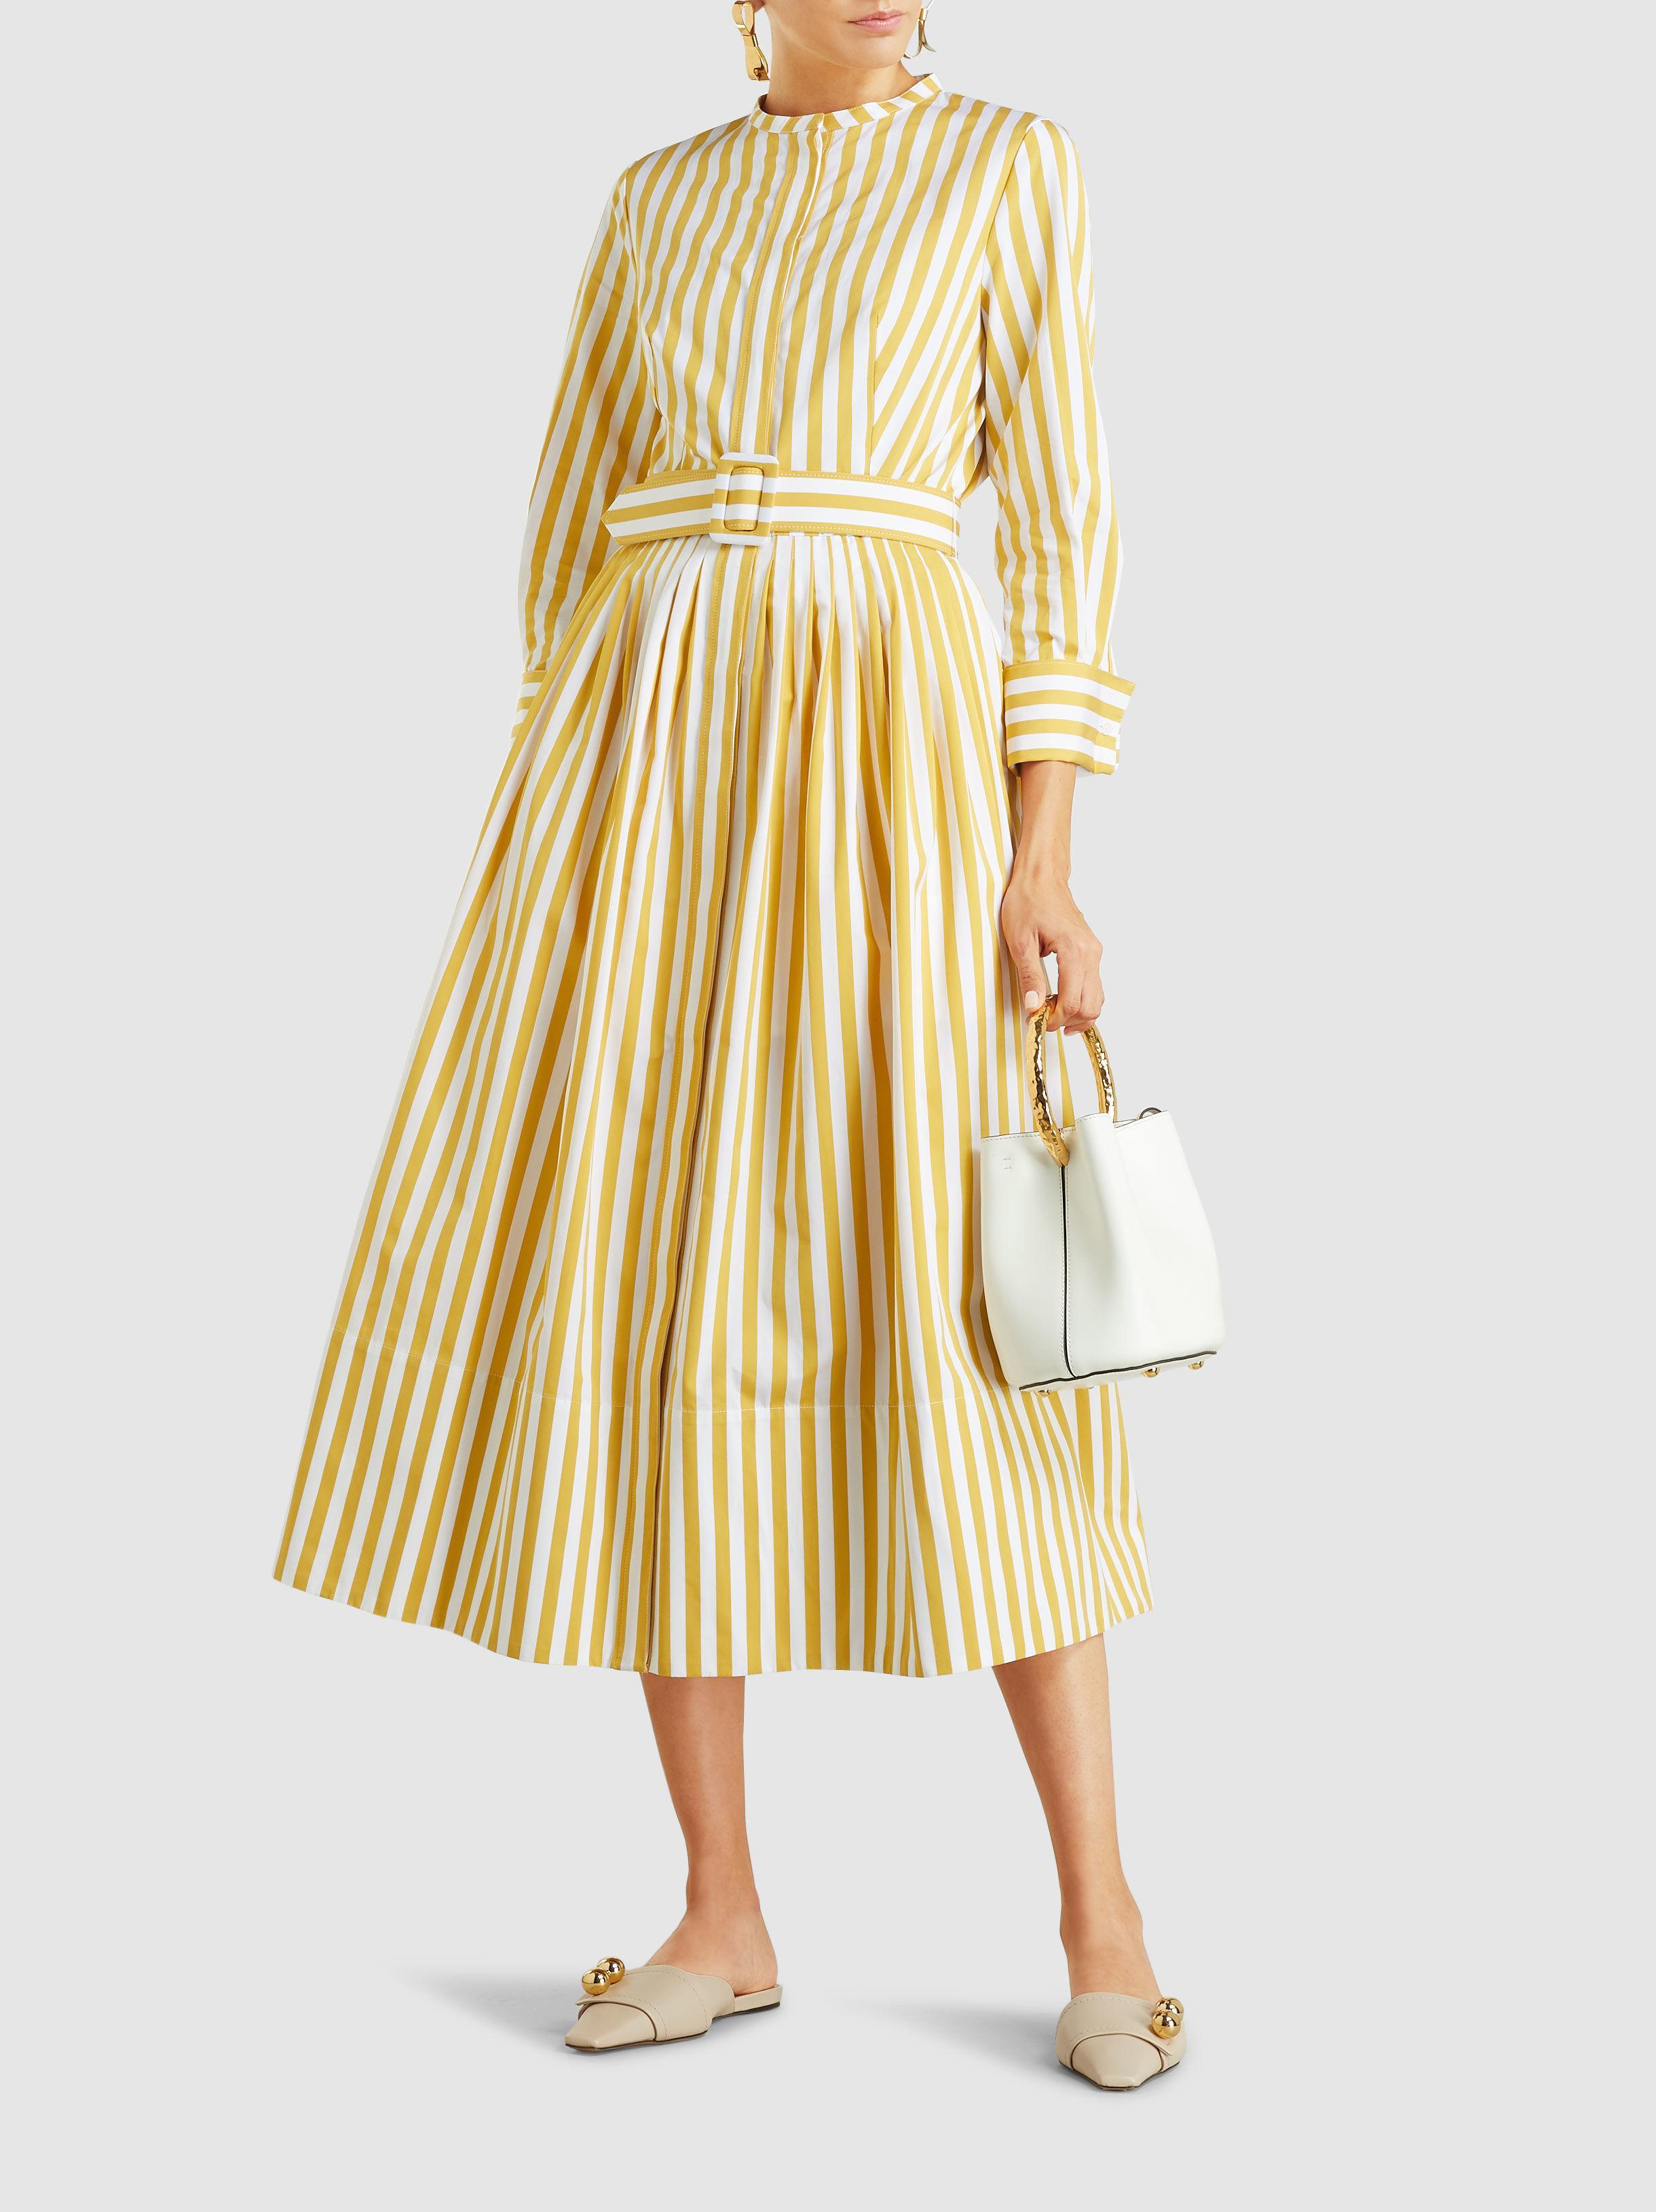 Oscar de la Renta - Yellow Striped Cotton Midi Dress - Lyst. View fullscreen 7c6190306